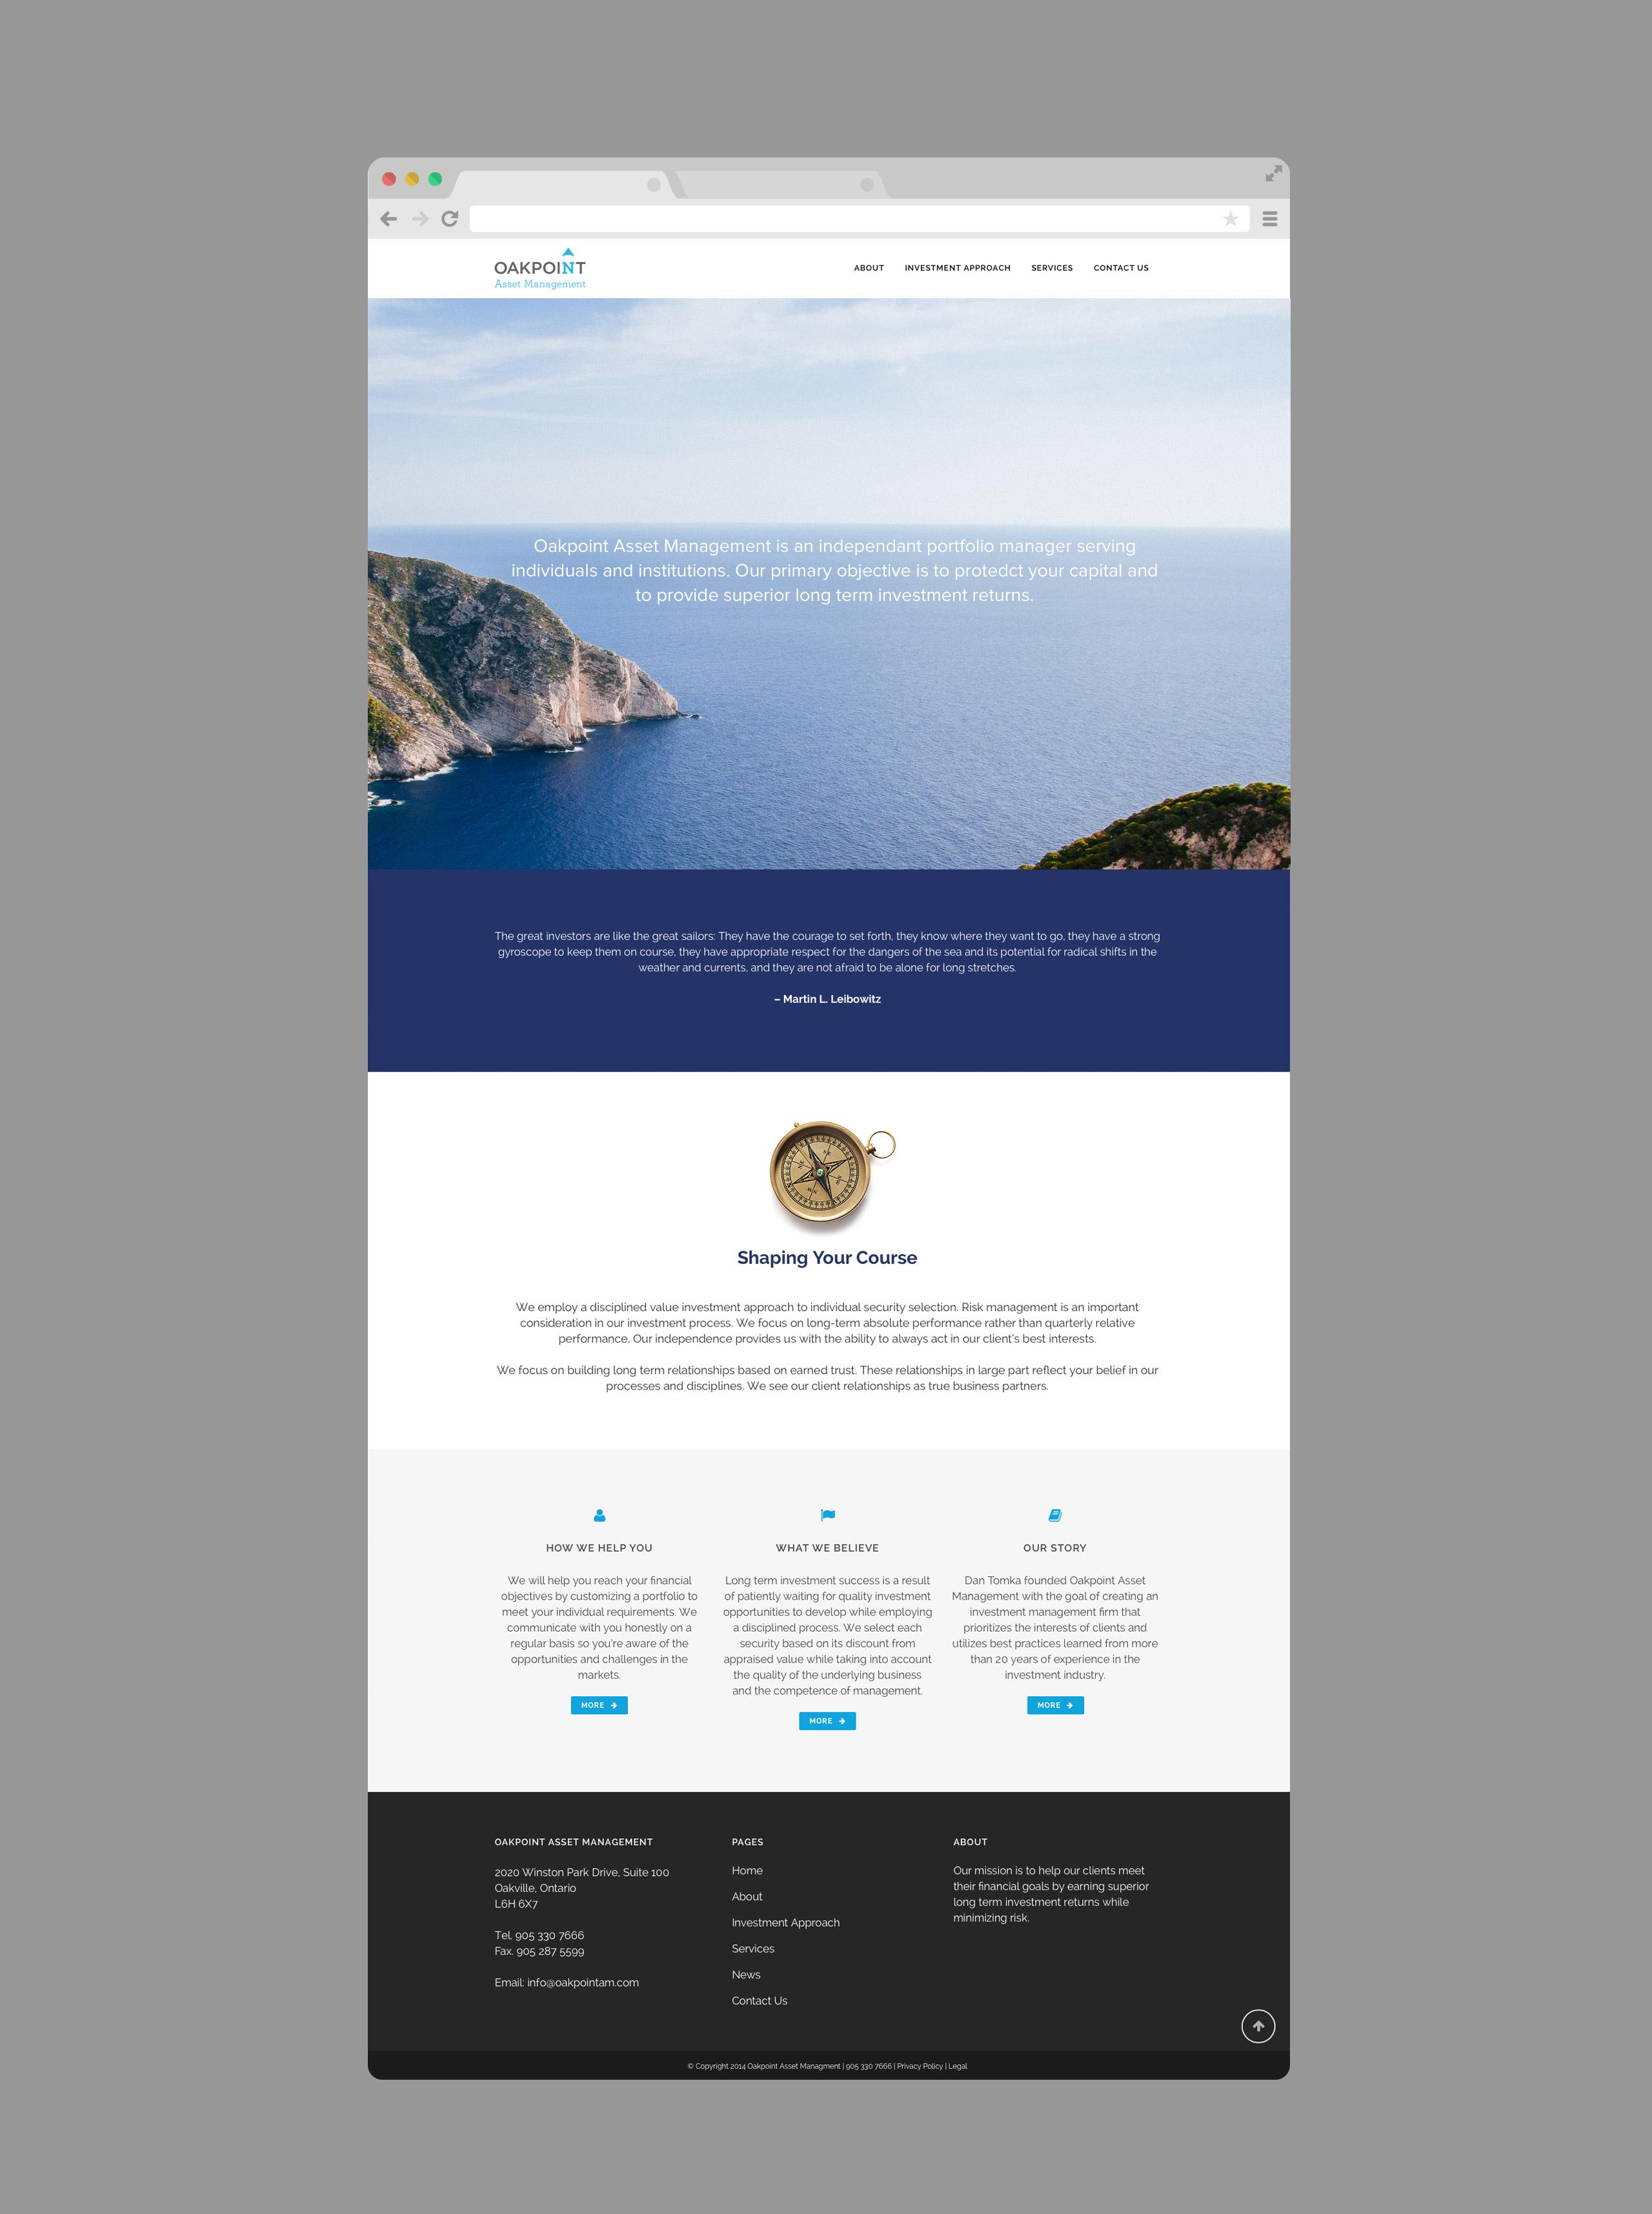 oakpoint-asset-management-website